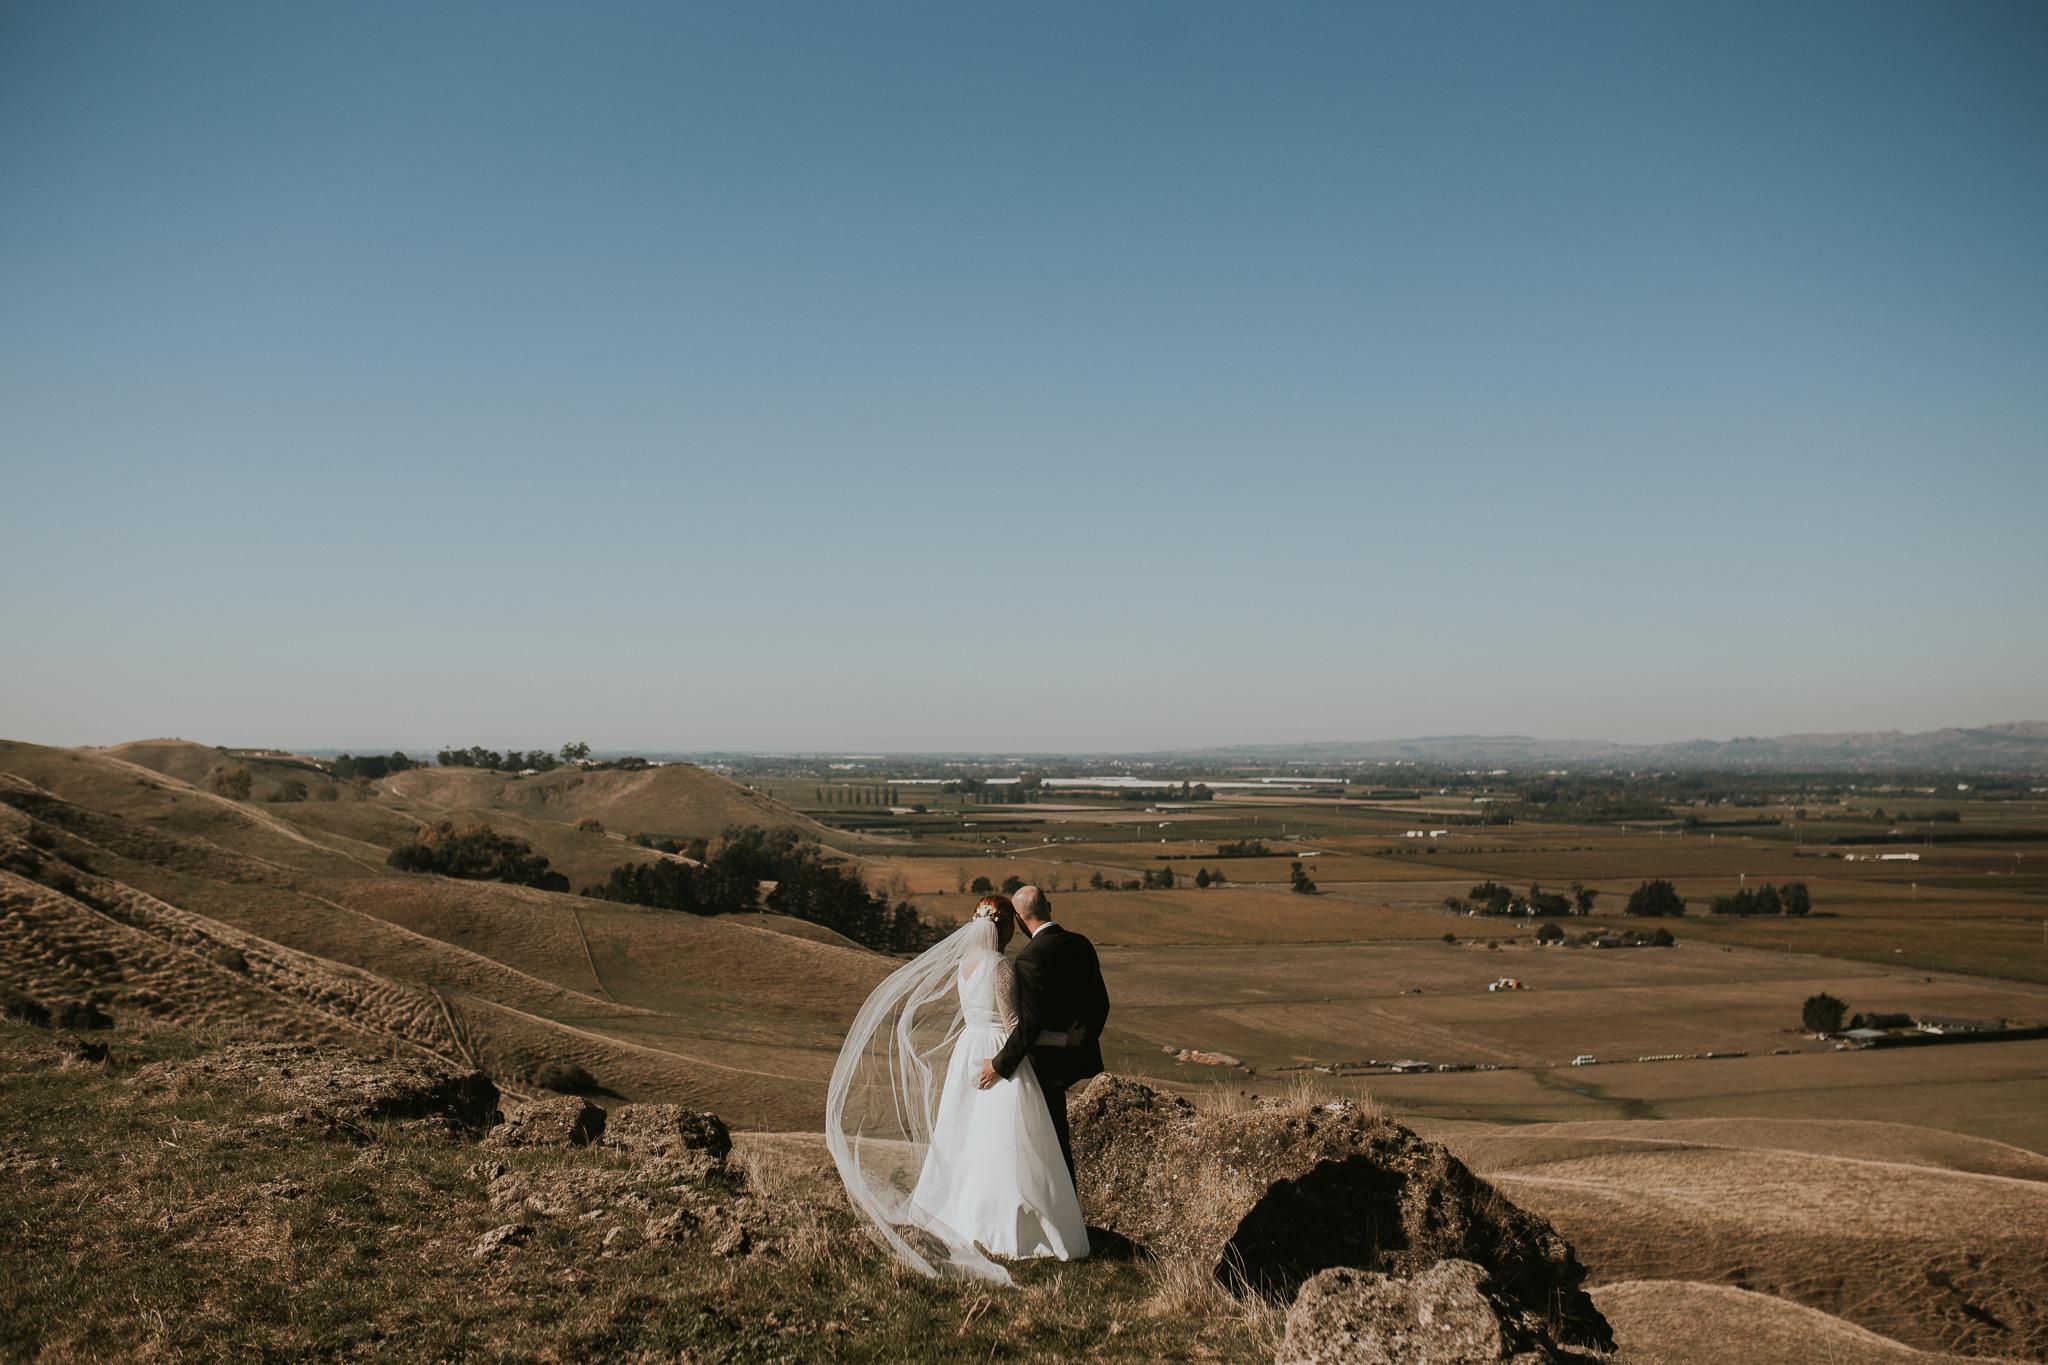 wedding photographer hawkes bay , Lisa Fisher Photography, Selini Winery Wedding -114.jpg